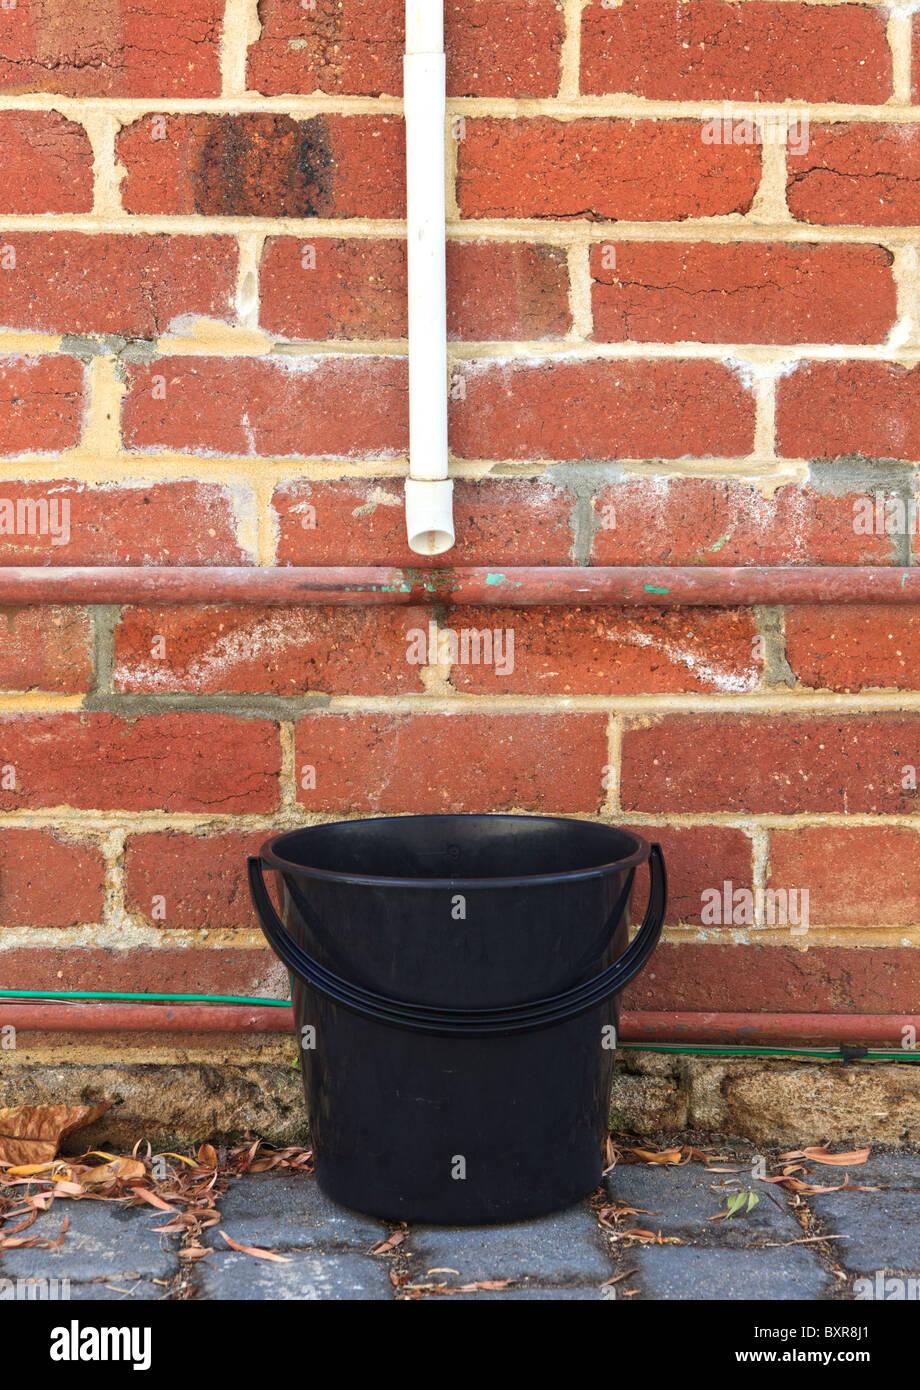 Un balde para recoger el agua para su reutilización debajo de un tubo de salida del aire acondicionado. Imagen De Stock